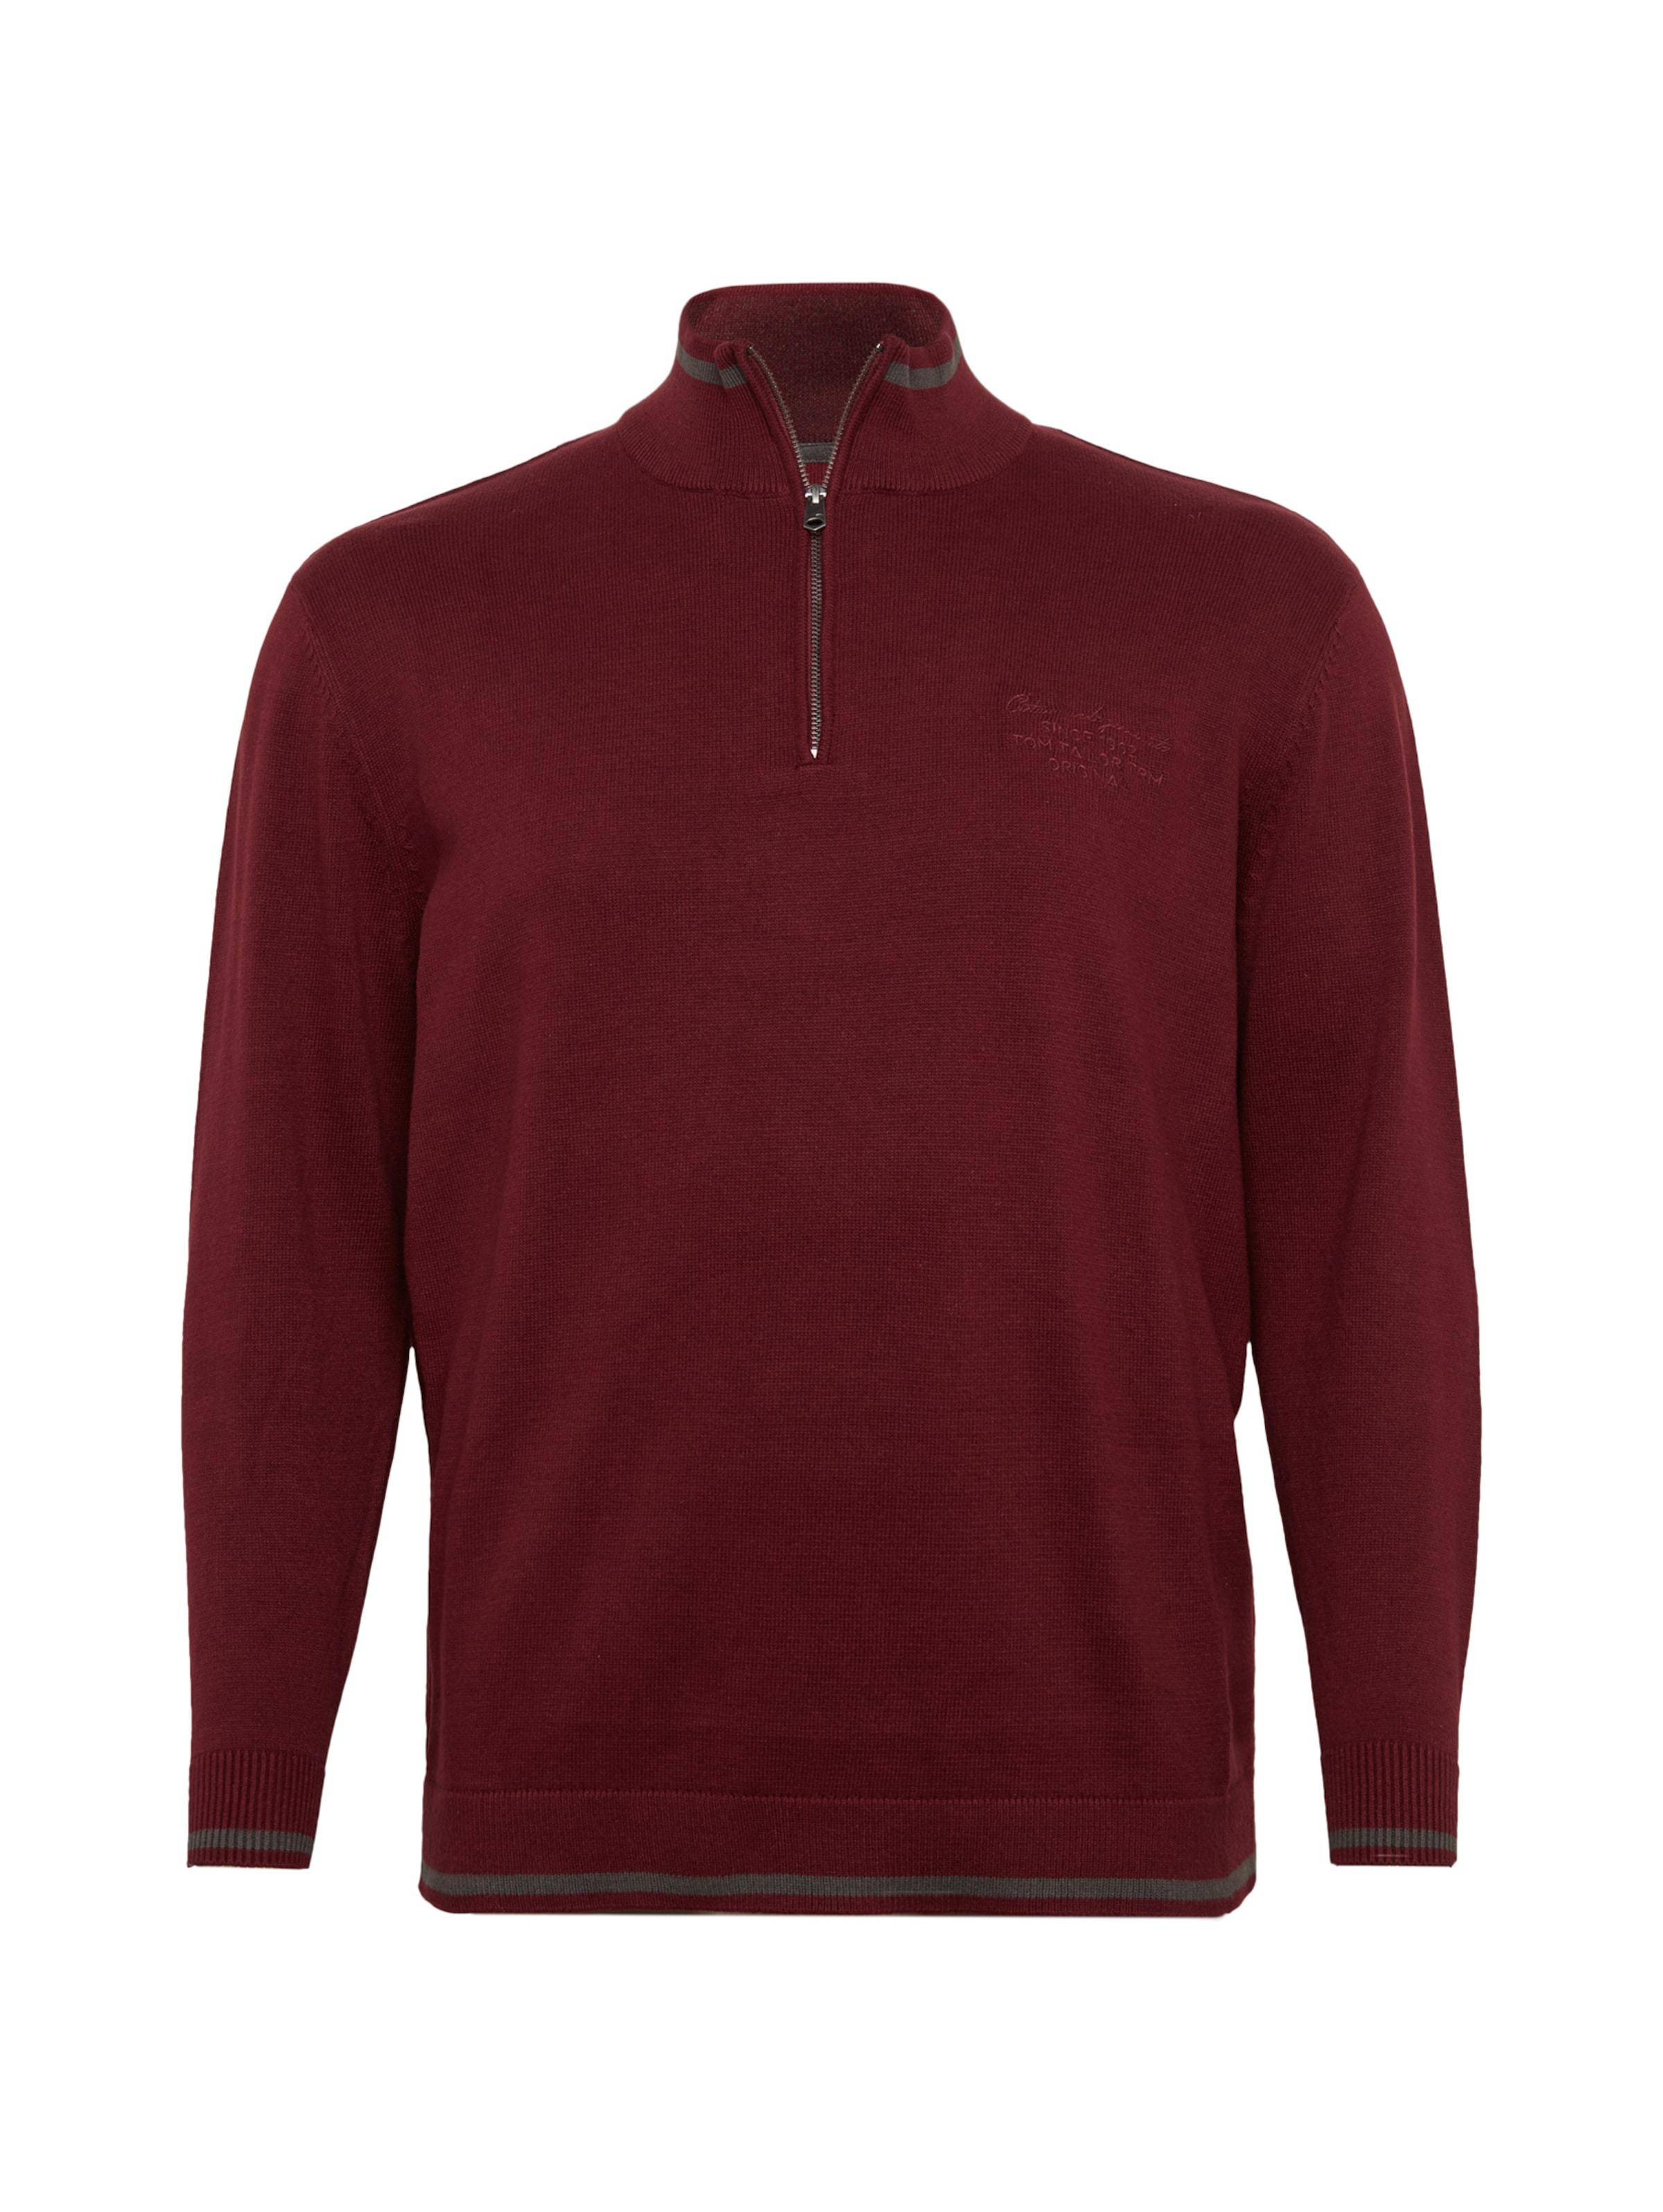 Pullover Tom In RauchgrauBurgunder Tailor Tom In Pullover Tailor RauchgrauBurgunder IY6f7gybv